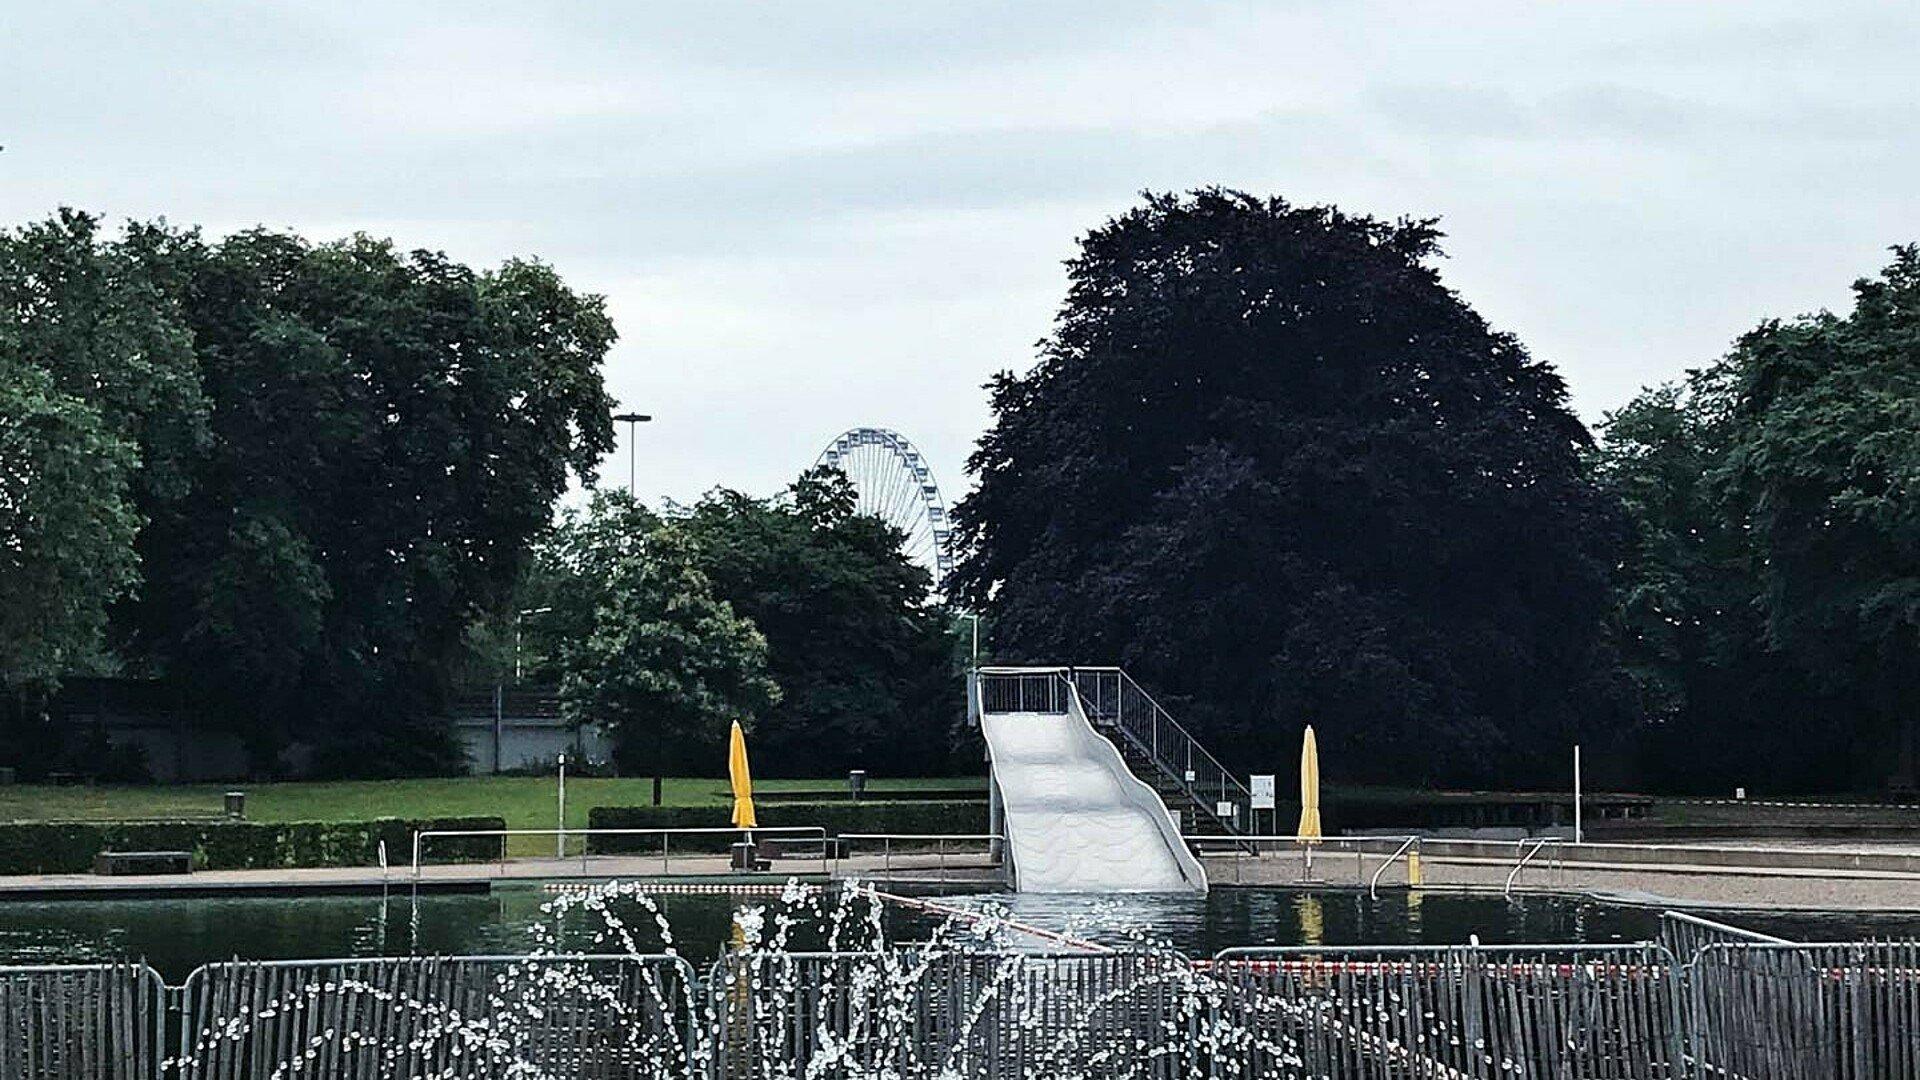 Vom Becken im Lentpark sieht man durch die Bäume das Kölner Riesenrad